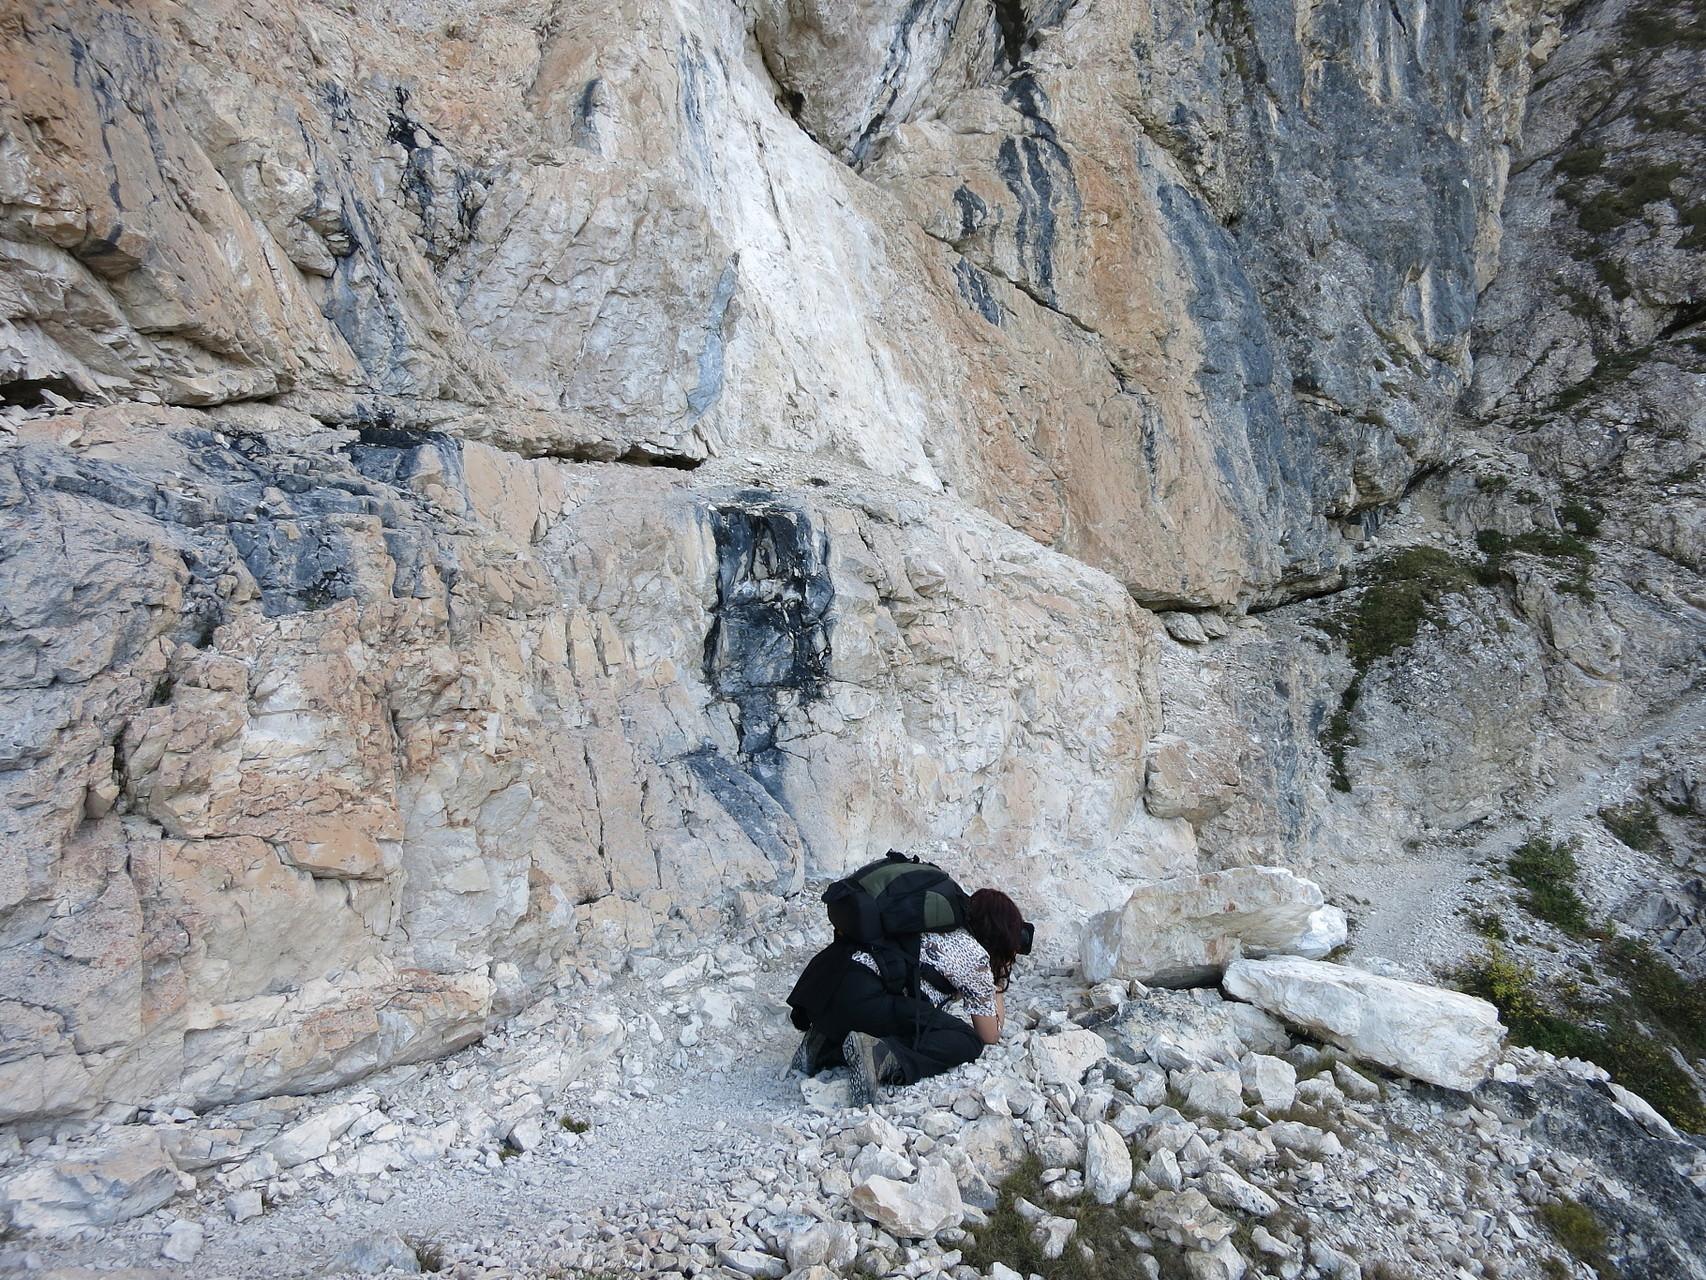 Italien; Dolomiten; Im Gebiet der Cinque torri